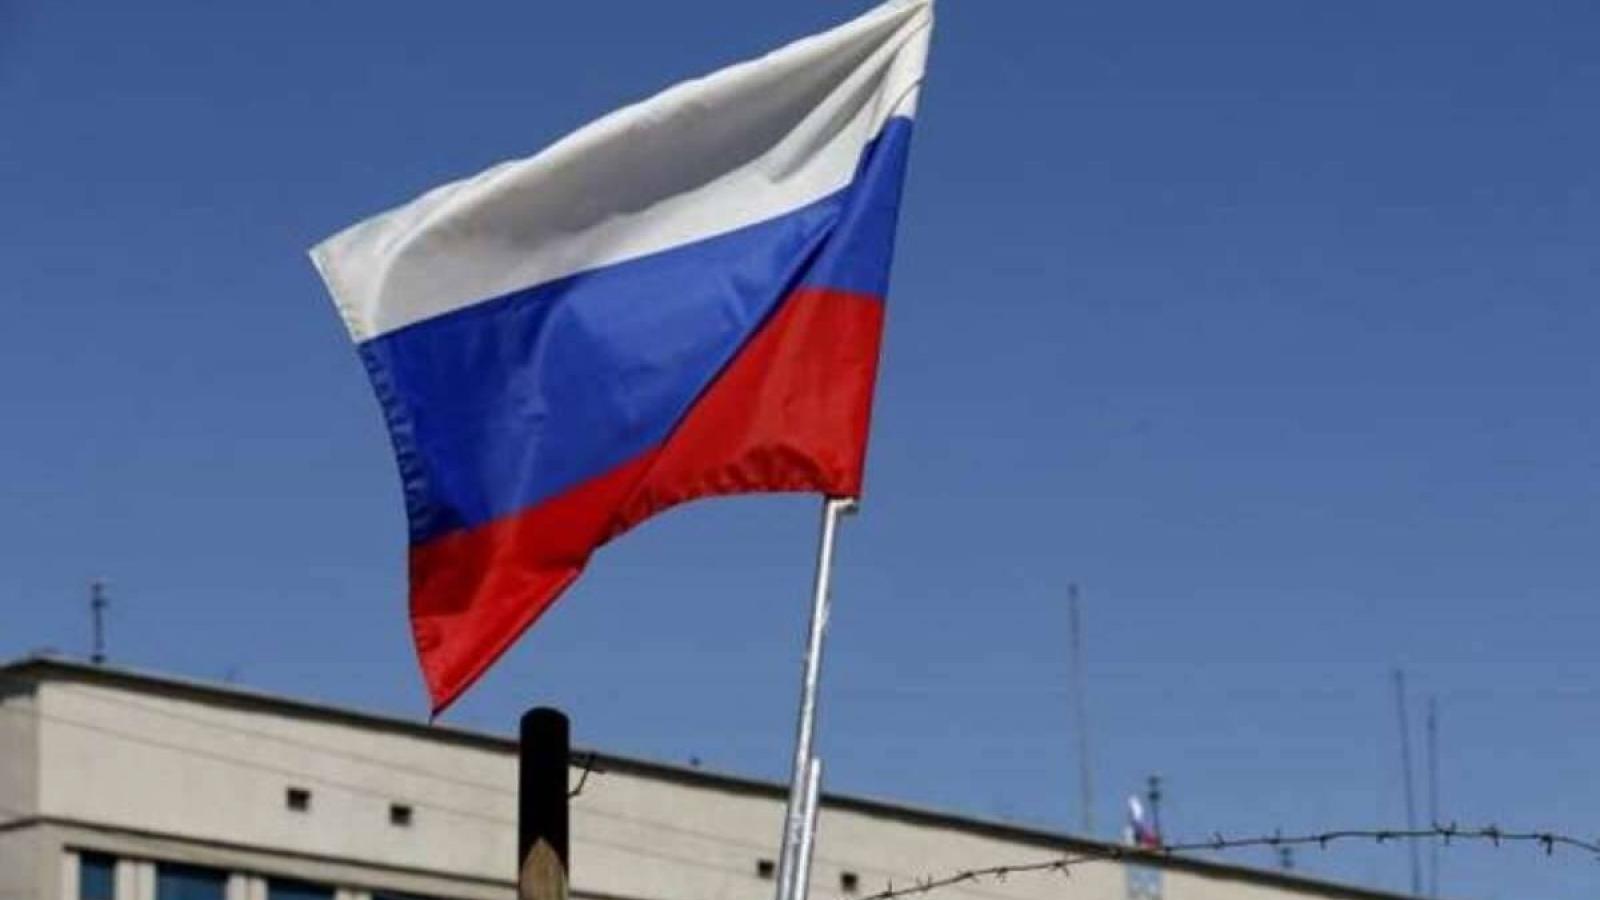 """Mỹ sẵn sàng đàm phán """"ngay lập tức"""" với Nga về gia hạn thỏa thuận START-3"""